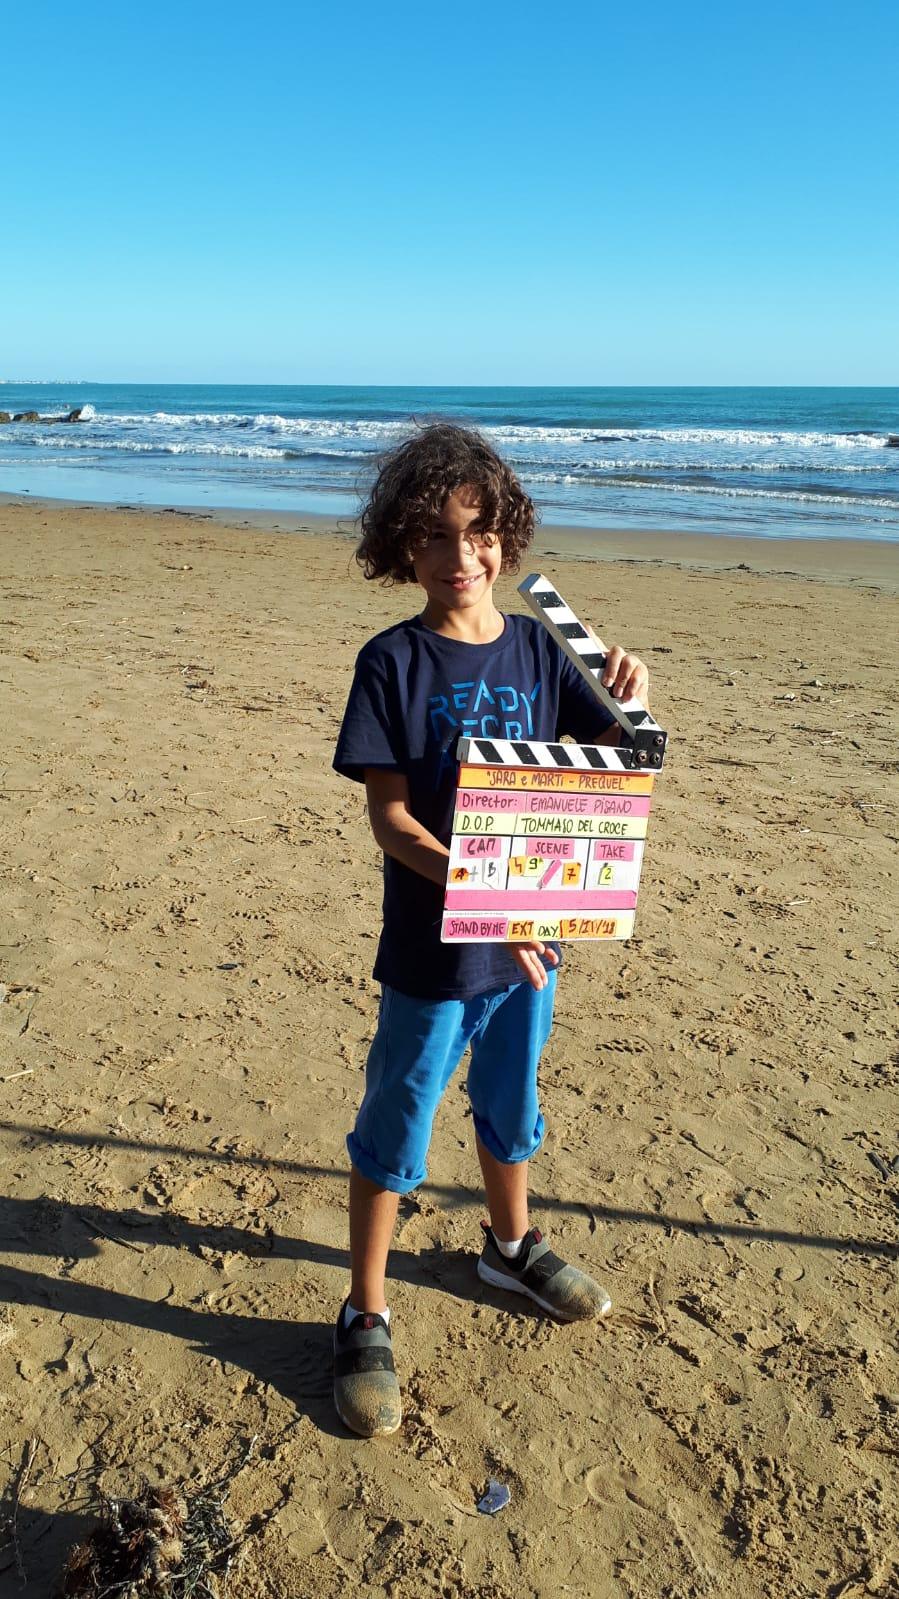 Sara e Marti Il Film: un'immagine dal set